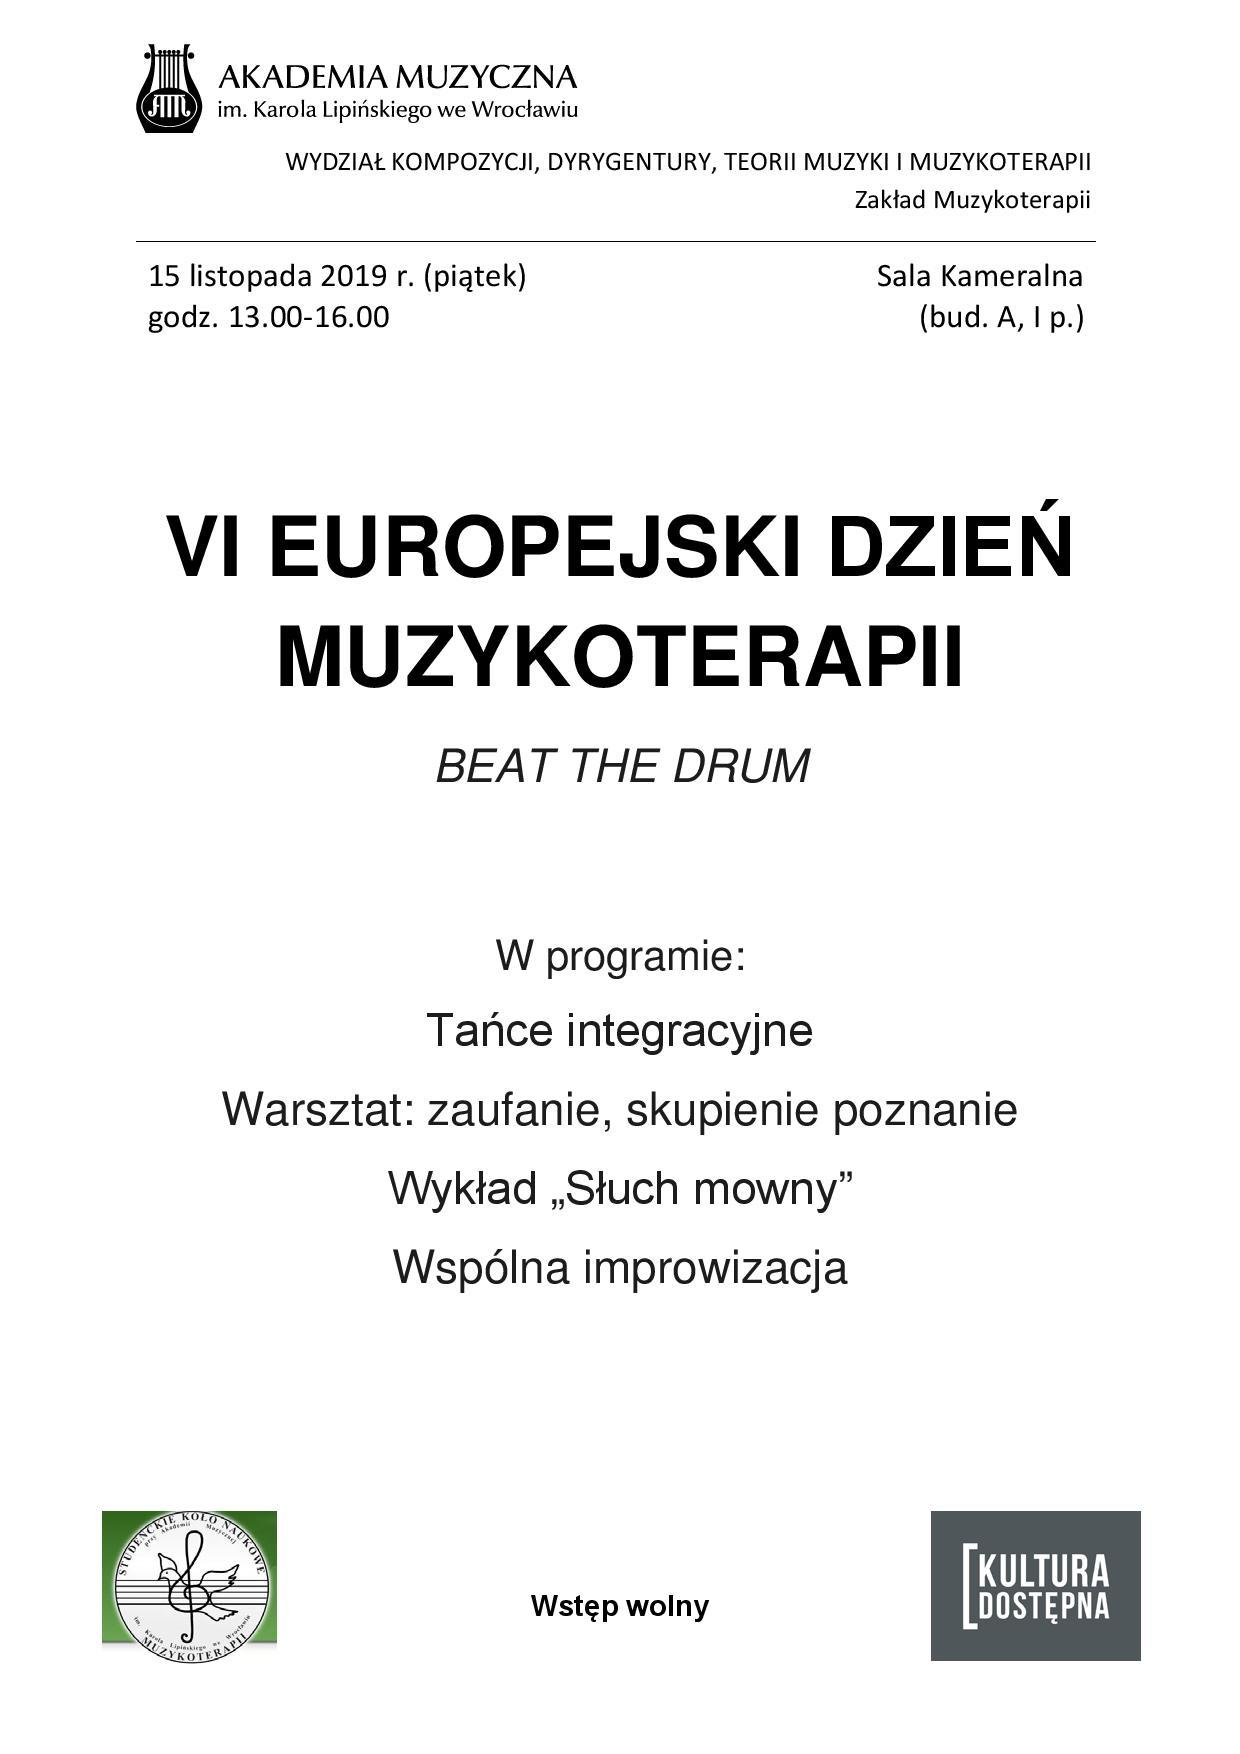 Europejski Dzień Muzykoterapii